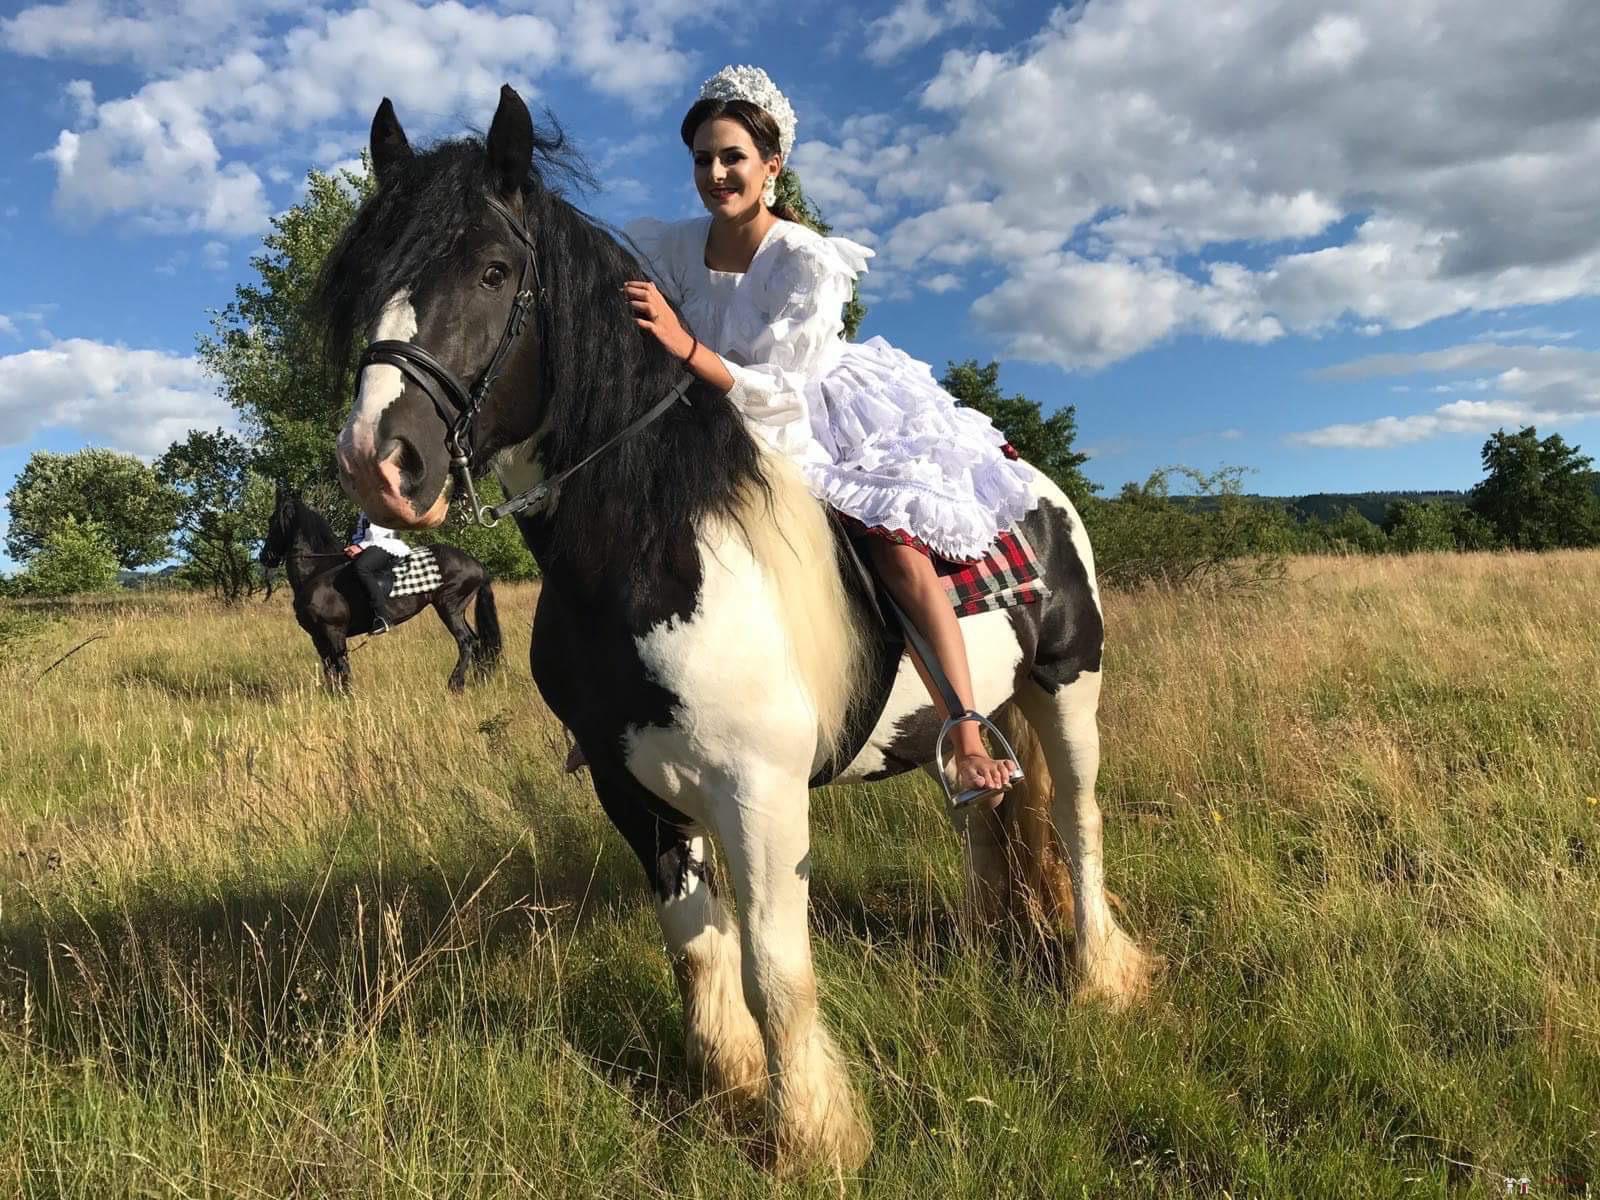 Povești Nunți Tradiționale - Florentina Vlad și Lemnean Ionuț. Cununie tradițională în Baia Mare 26